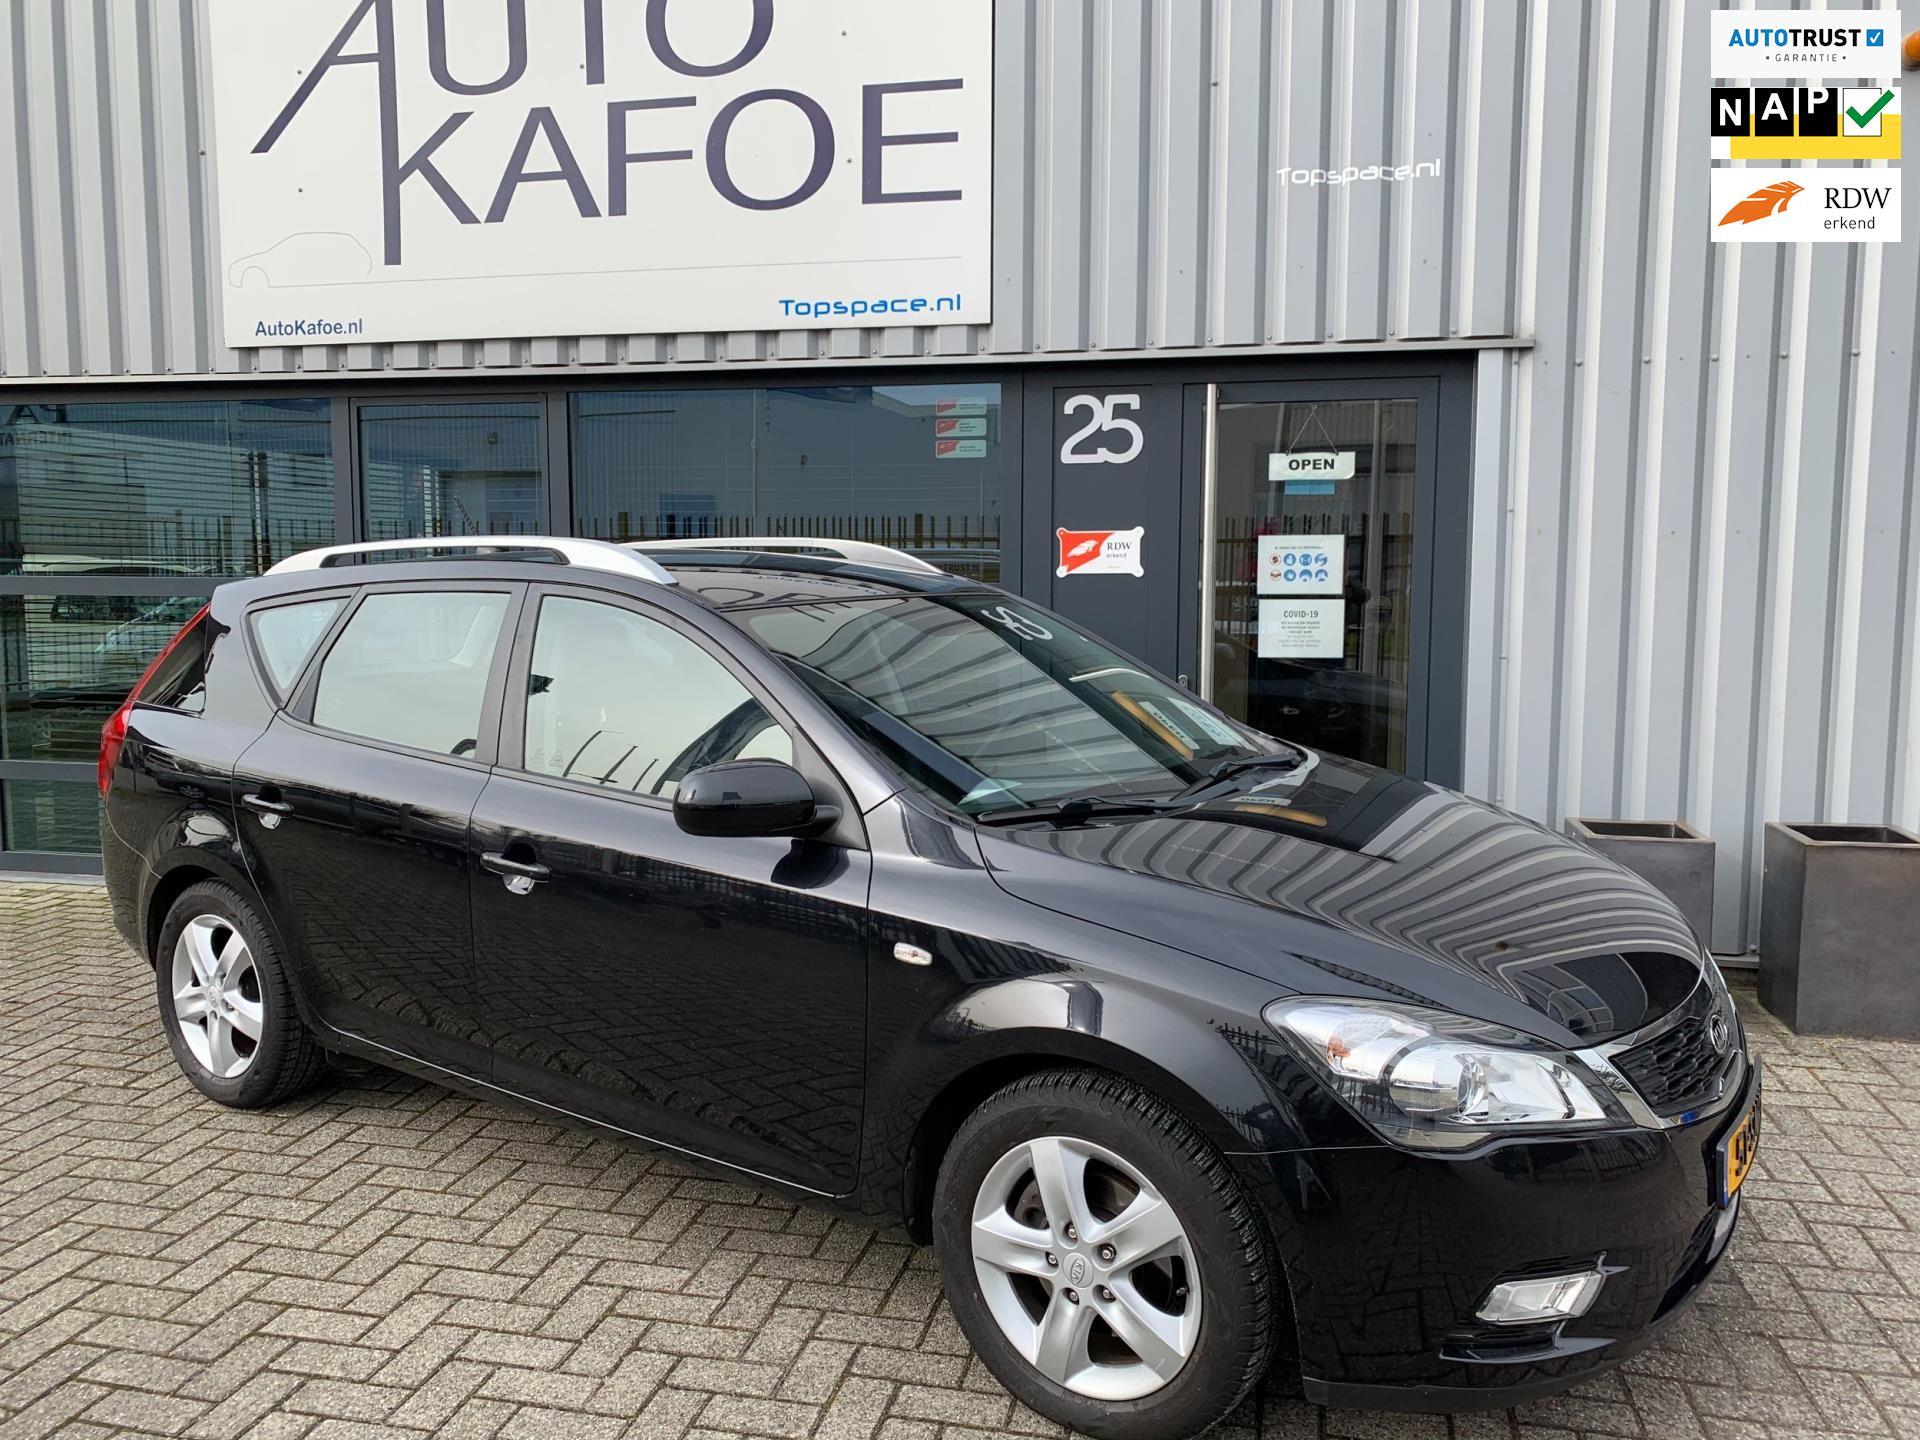 Kia Ceed Sporty Wagon occasion - AutoKafoe v.o.f.